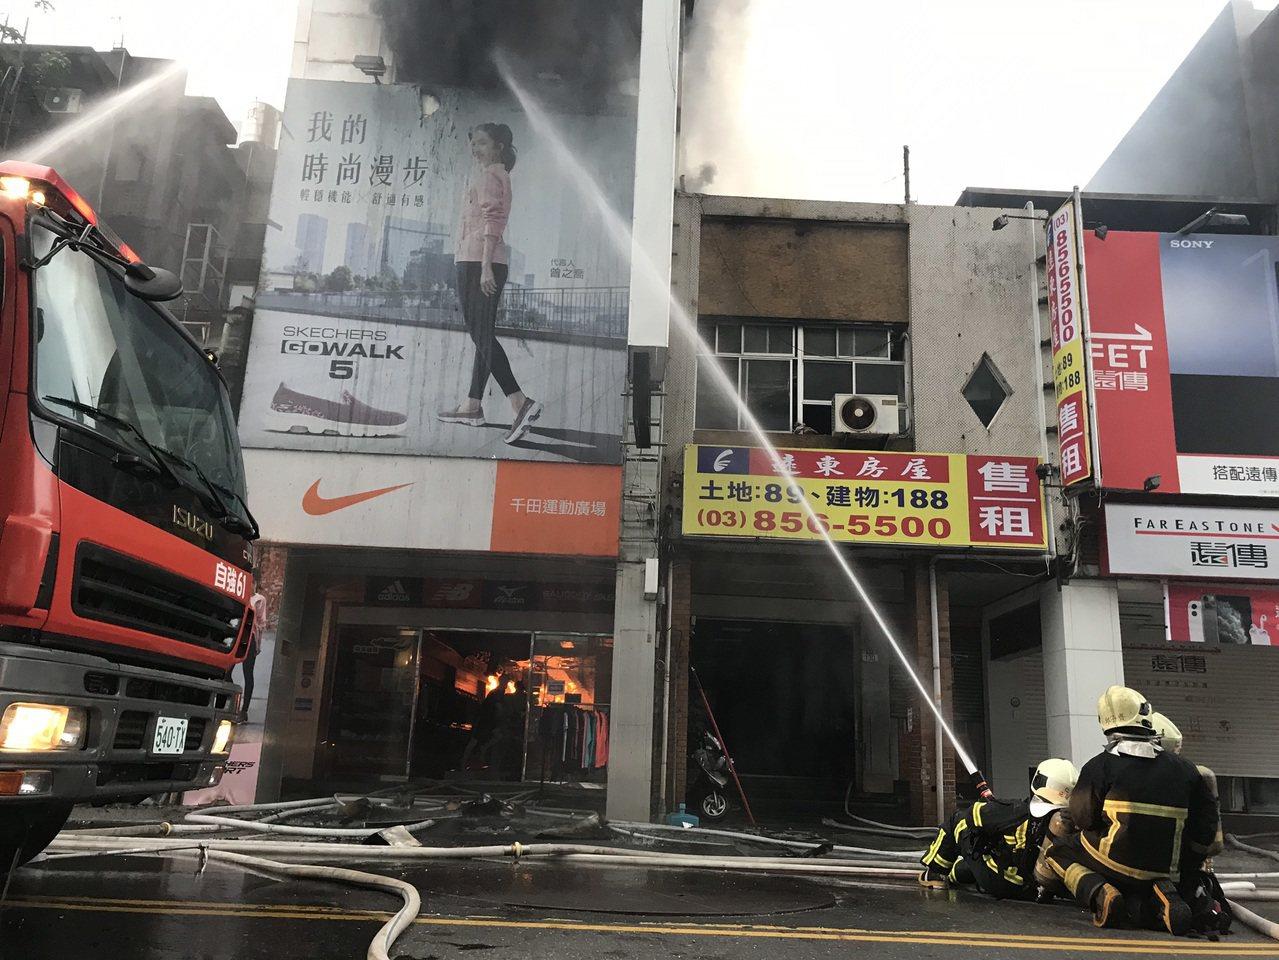 花蓮市區精華商圈的公園路大火,持續延燒,消防人員射水努力灌救。 記者王燕華/攝影